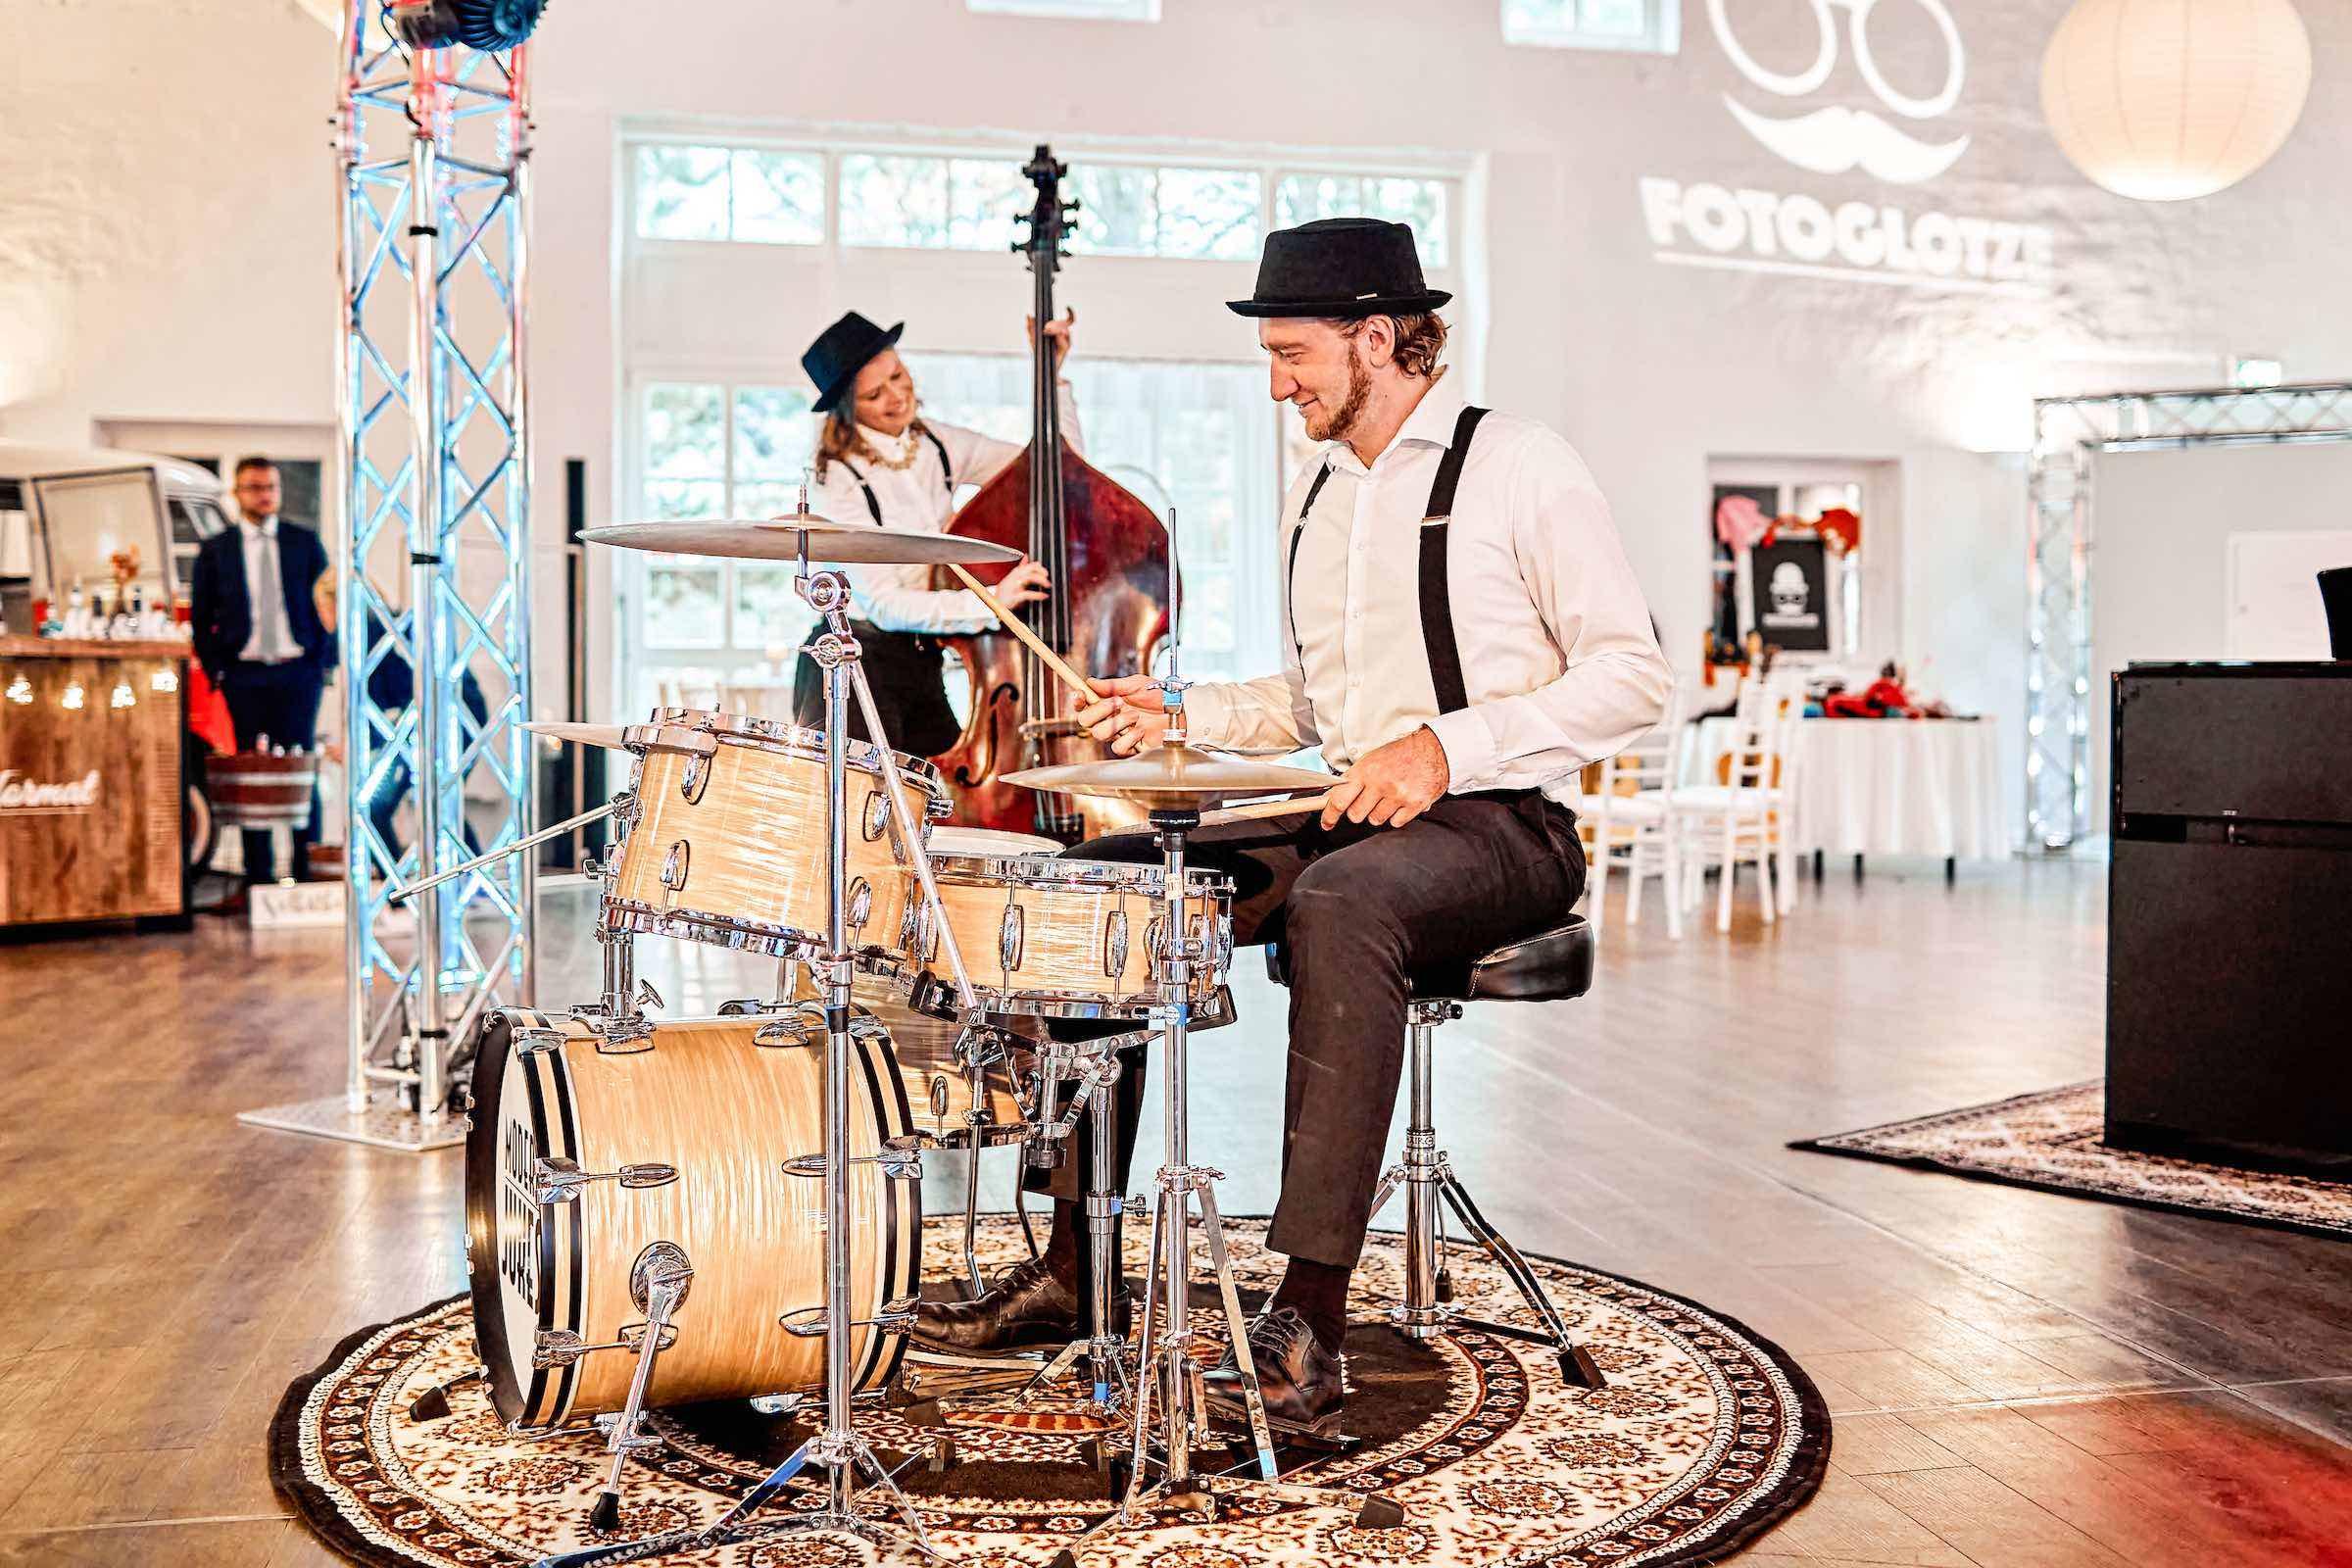 Band   Hochzeit   Hannover   Popband   Partyband   Sektempfang   Party   Trauung   Schlagzeug   Kontrabass   Dinner   Buchen   Mieten   Lehmann   Eventservice